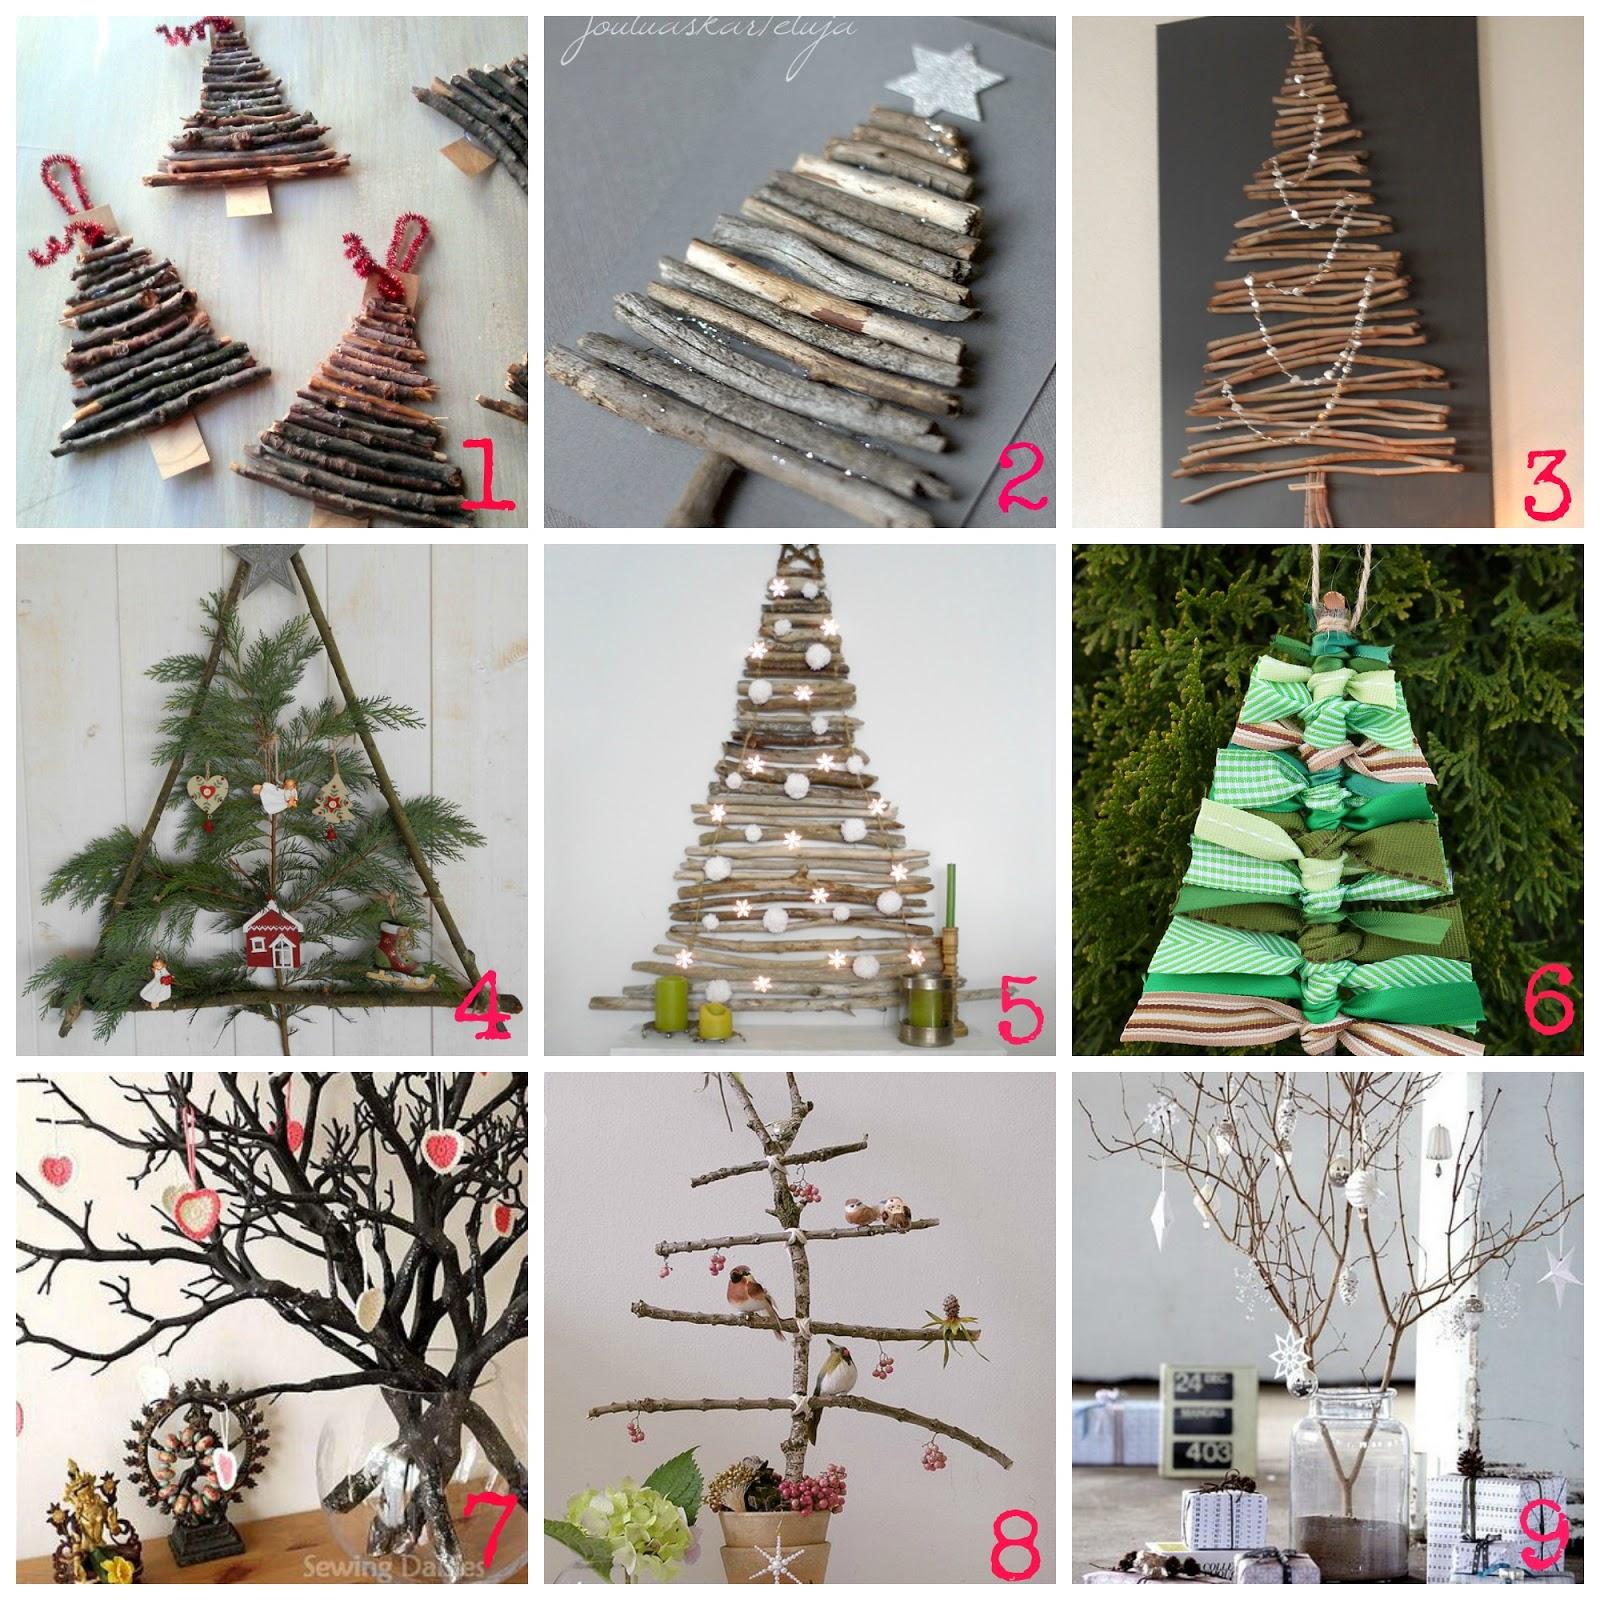 Decorazioni di natale fai da te con i rami secchi donneinpink magazine - Decorazioni natalizie fai da te per finestre ...